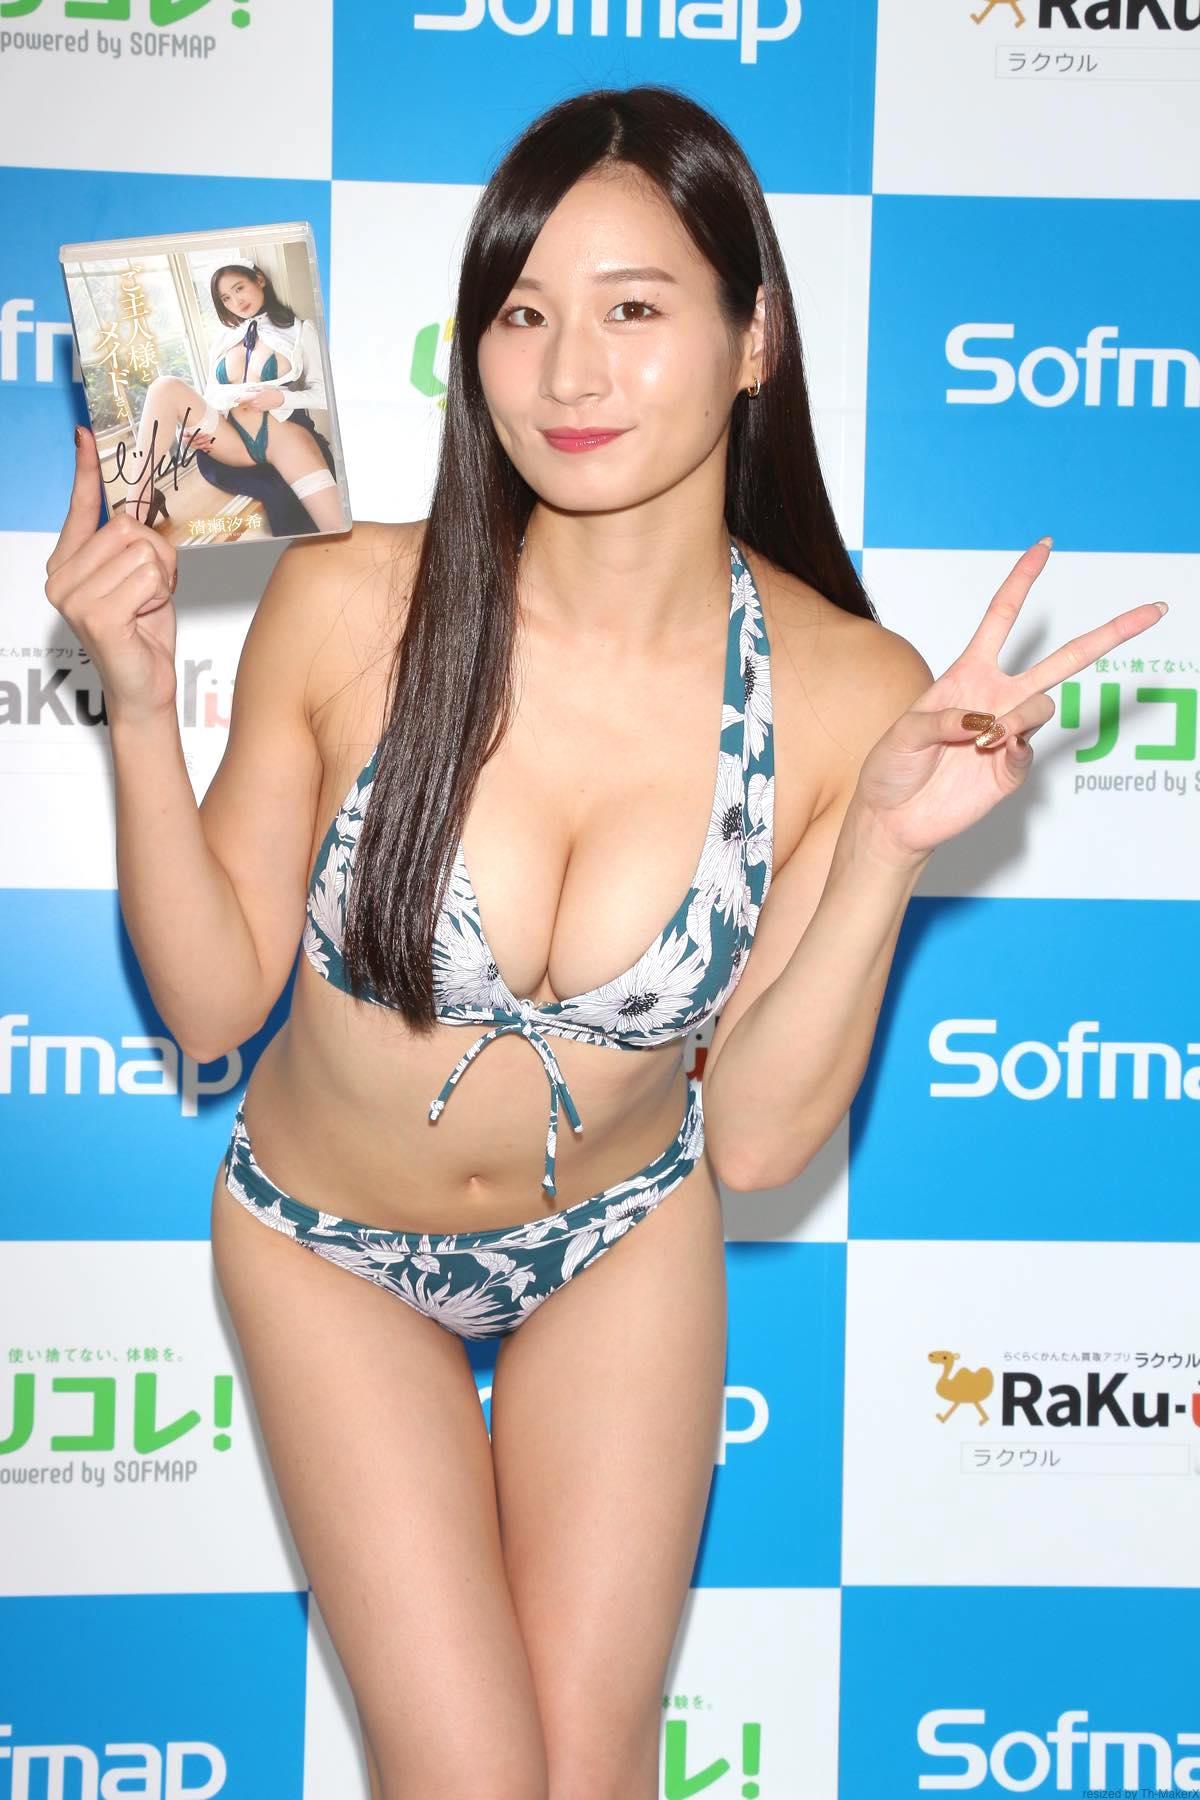 清瀬汐希「オフィスでY字の水着」露出度高くて恥ずかしい【画像48枚】の画像048